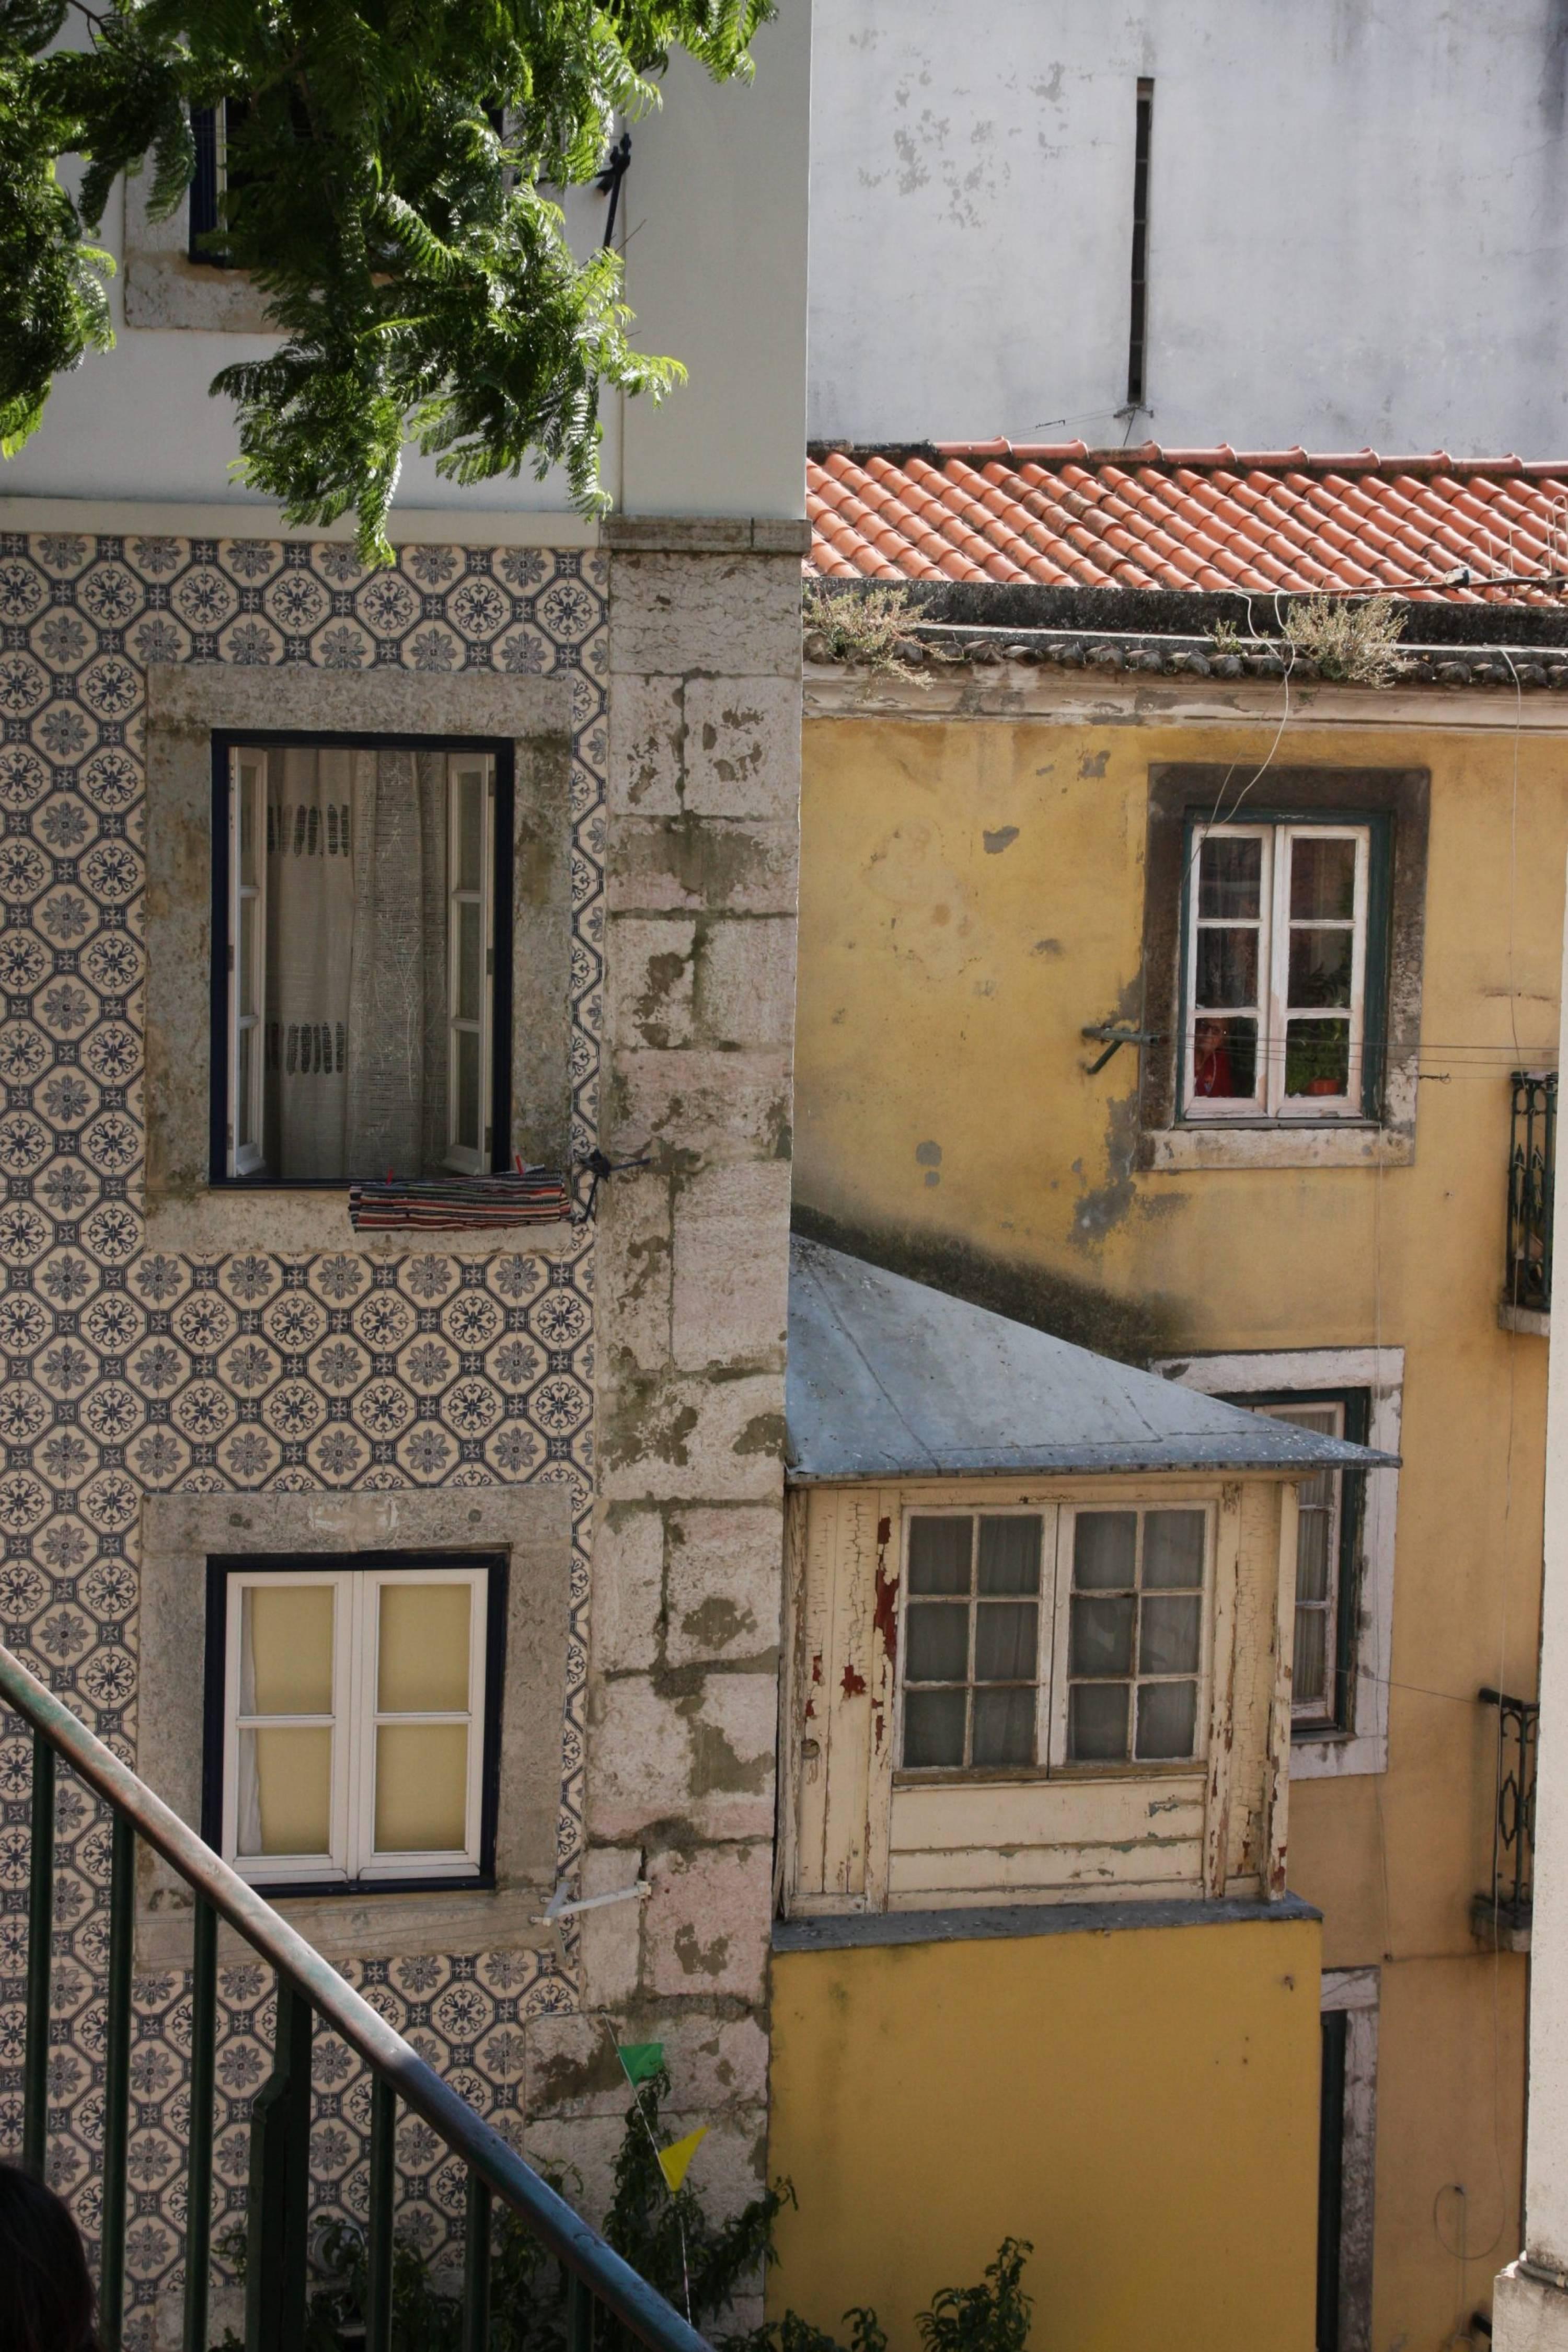 Jeux de fenêtres, Lisbonne, Portugal